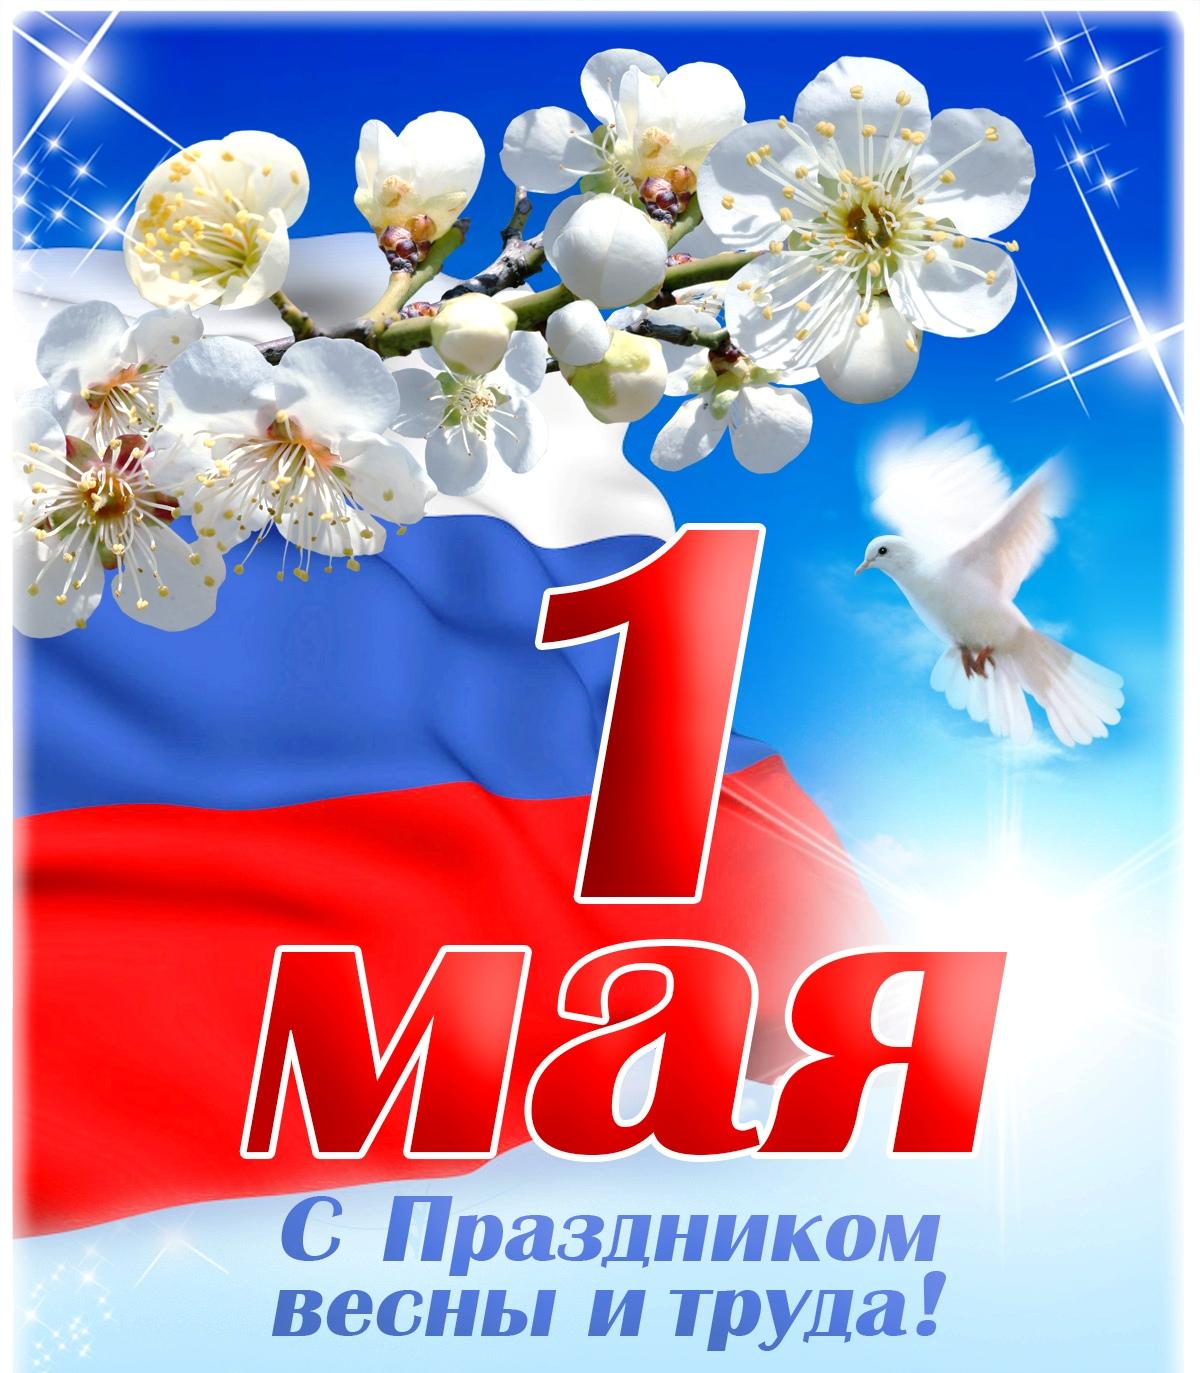 Открытка на праздник 1 мая